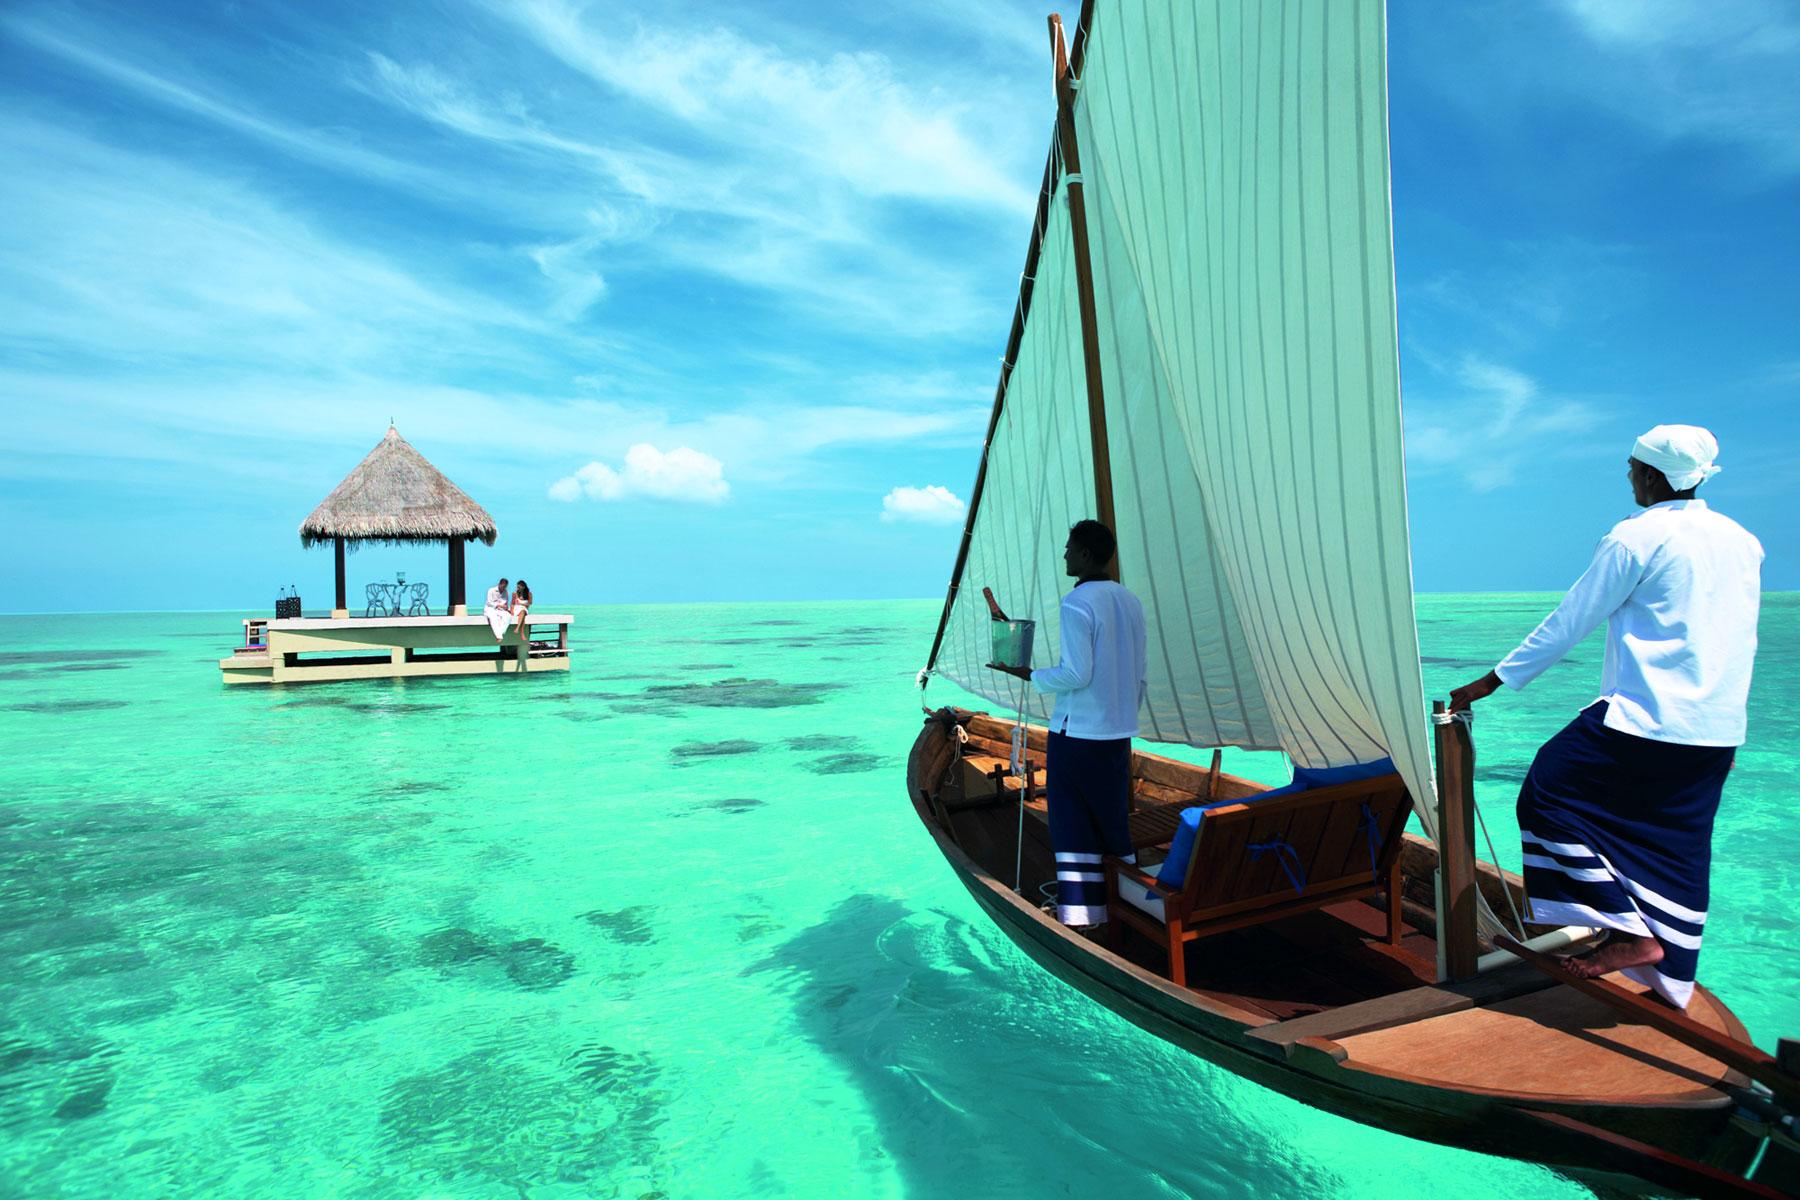 Chạm vào giấc mơ Maldives!